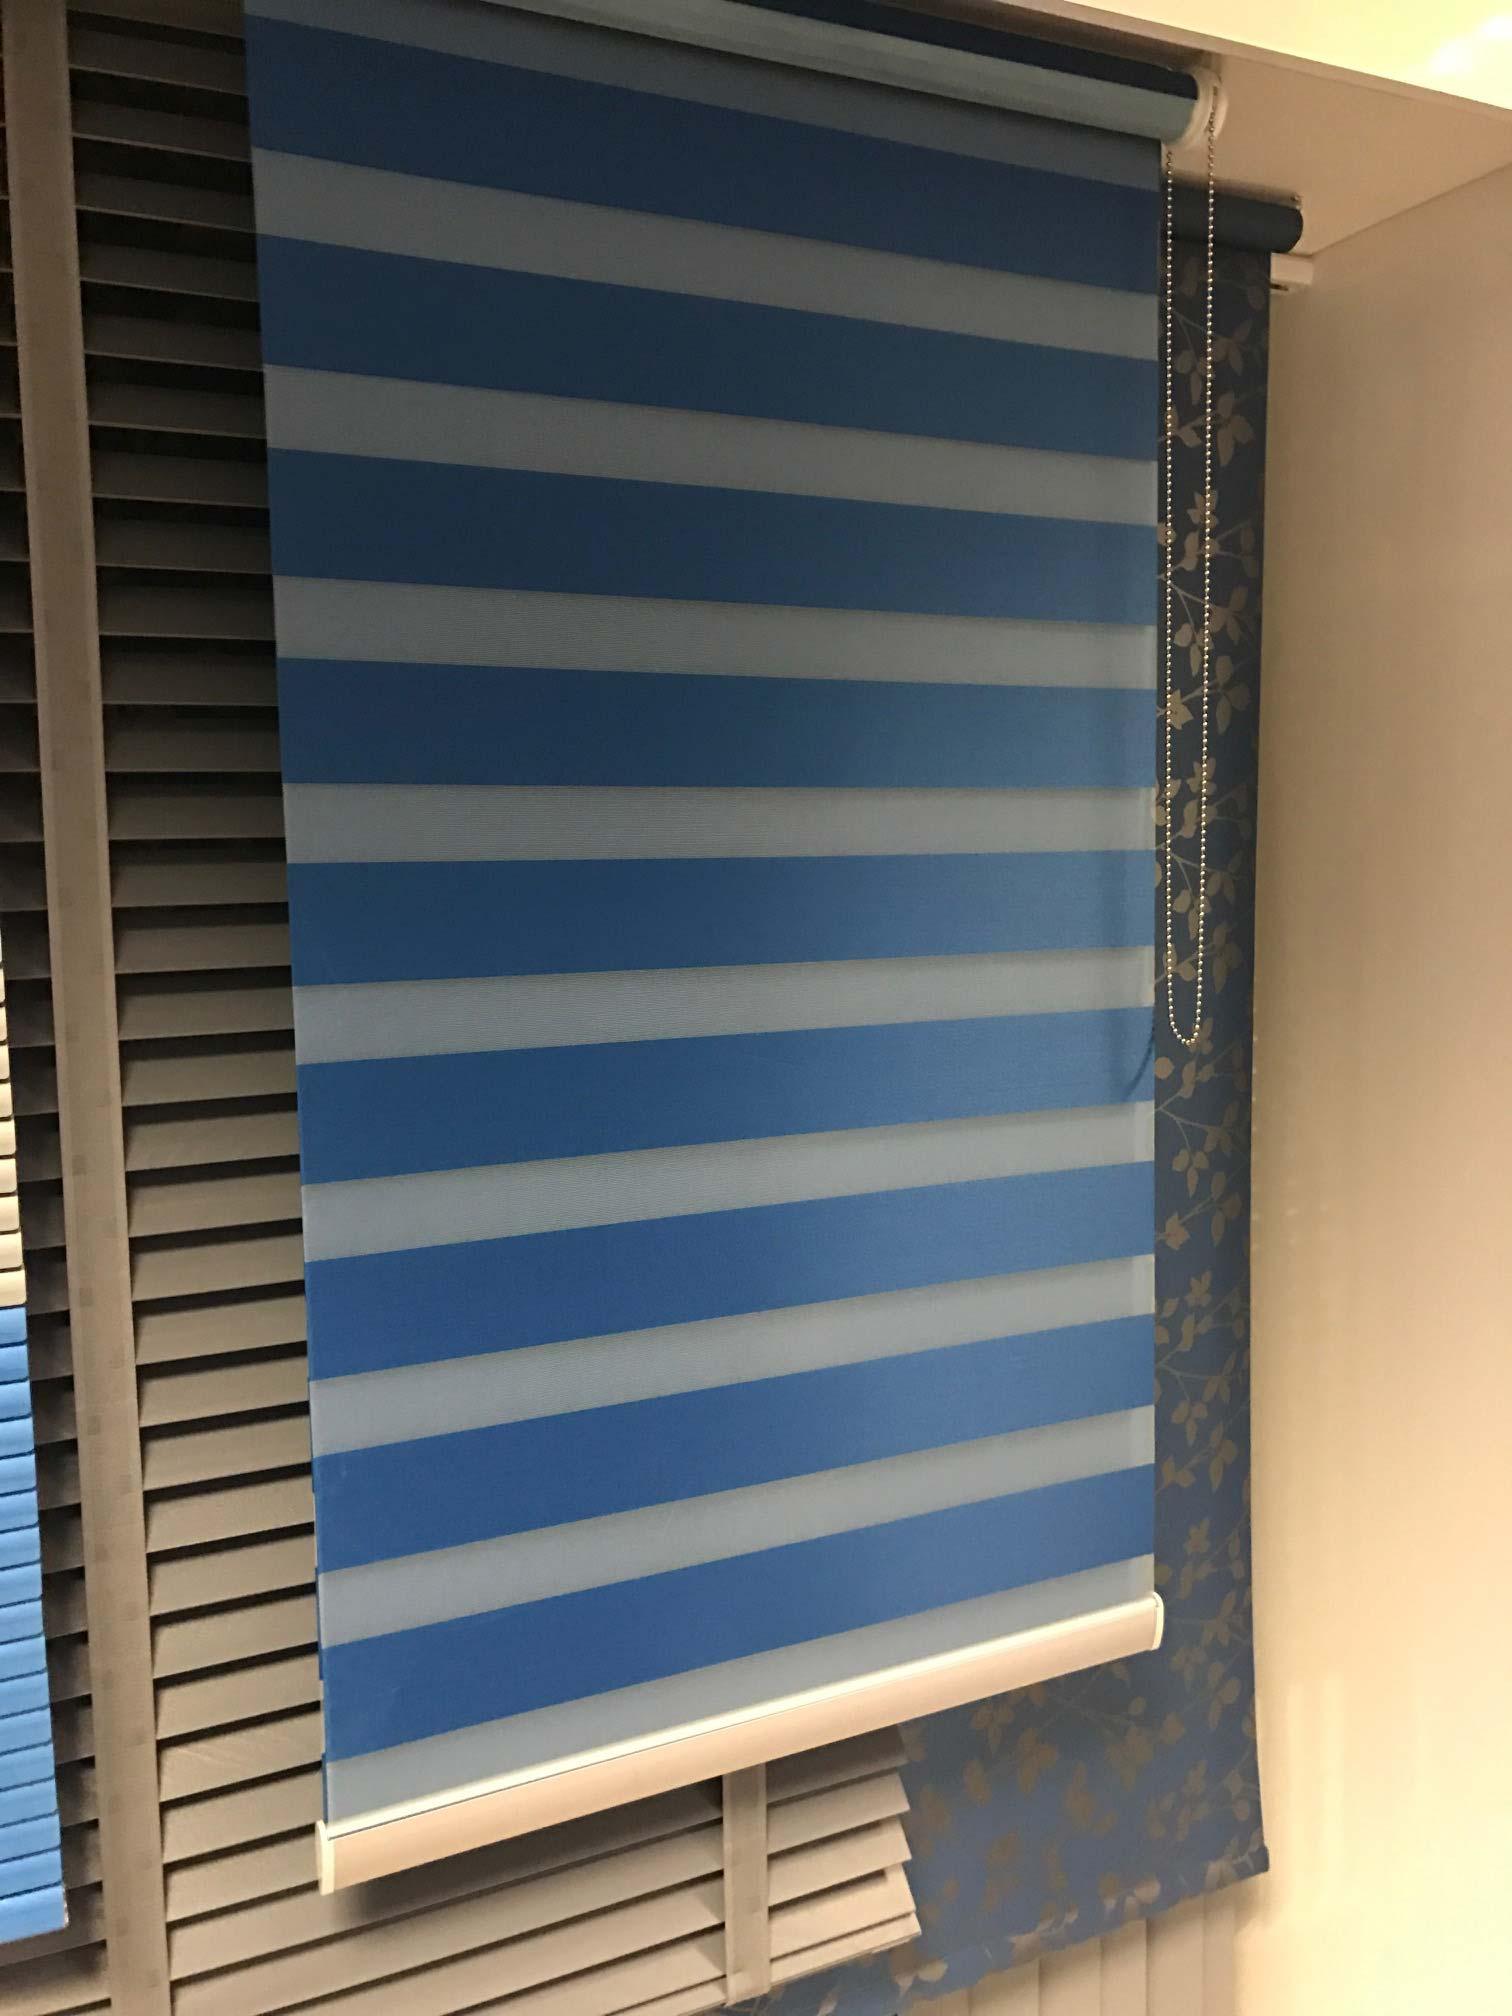 Full Size of Sonnenschutzfolie Fenster Innen Doppelverglasung Selbsthaftend Hitzeschutzfolie Entfernen Anbringen Oder Aussen Test Obi Montage Baumarkt Am Hochreflektierend Fenster Sonnenschutzfolie Fenster Innen